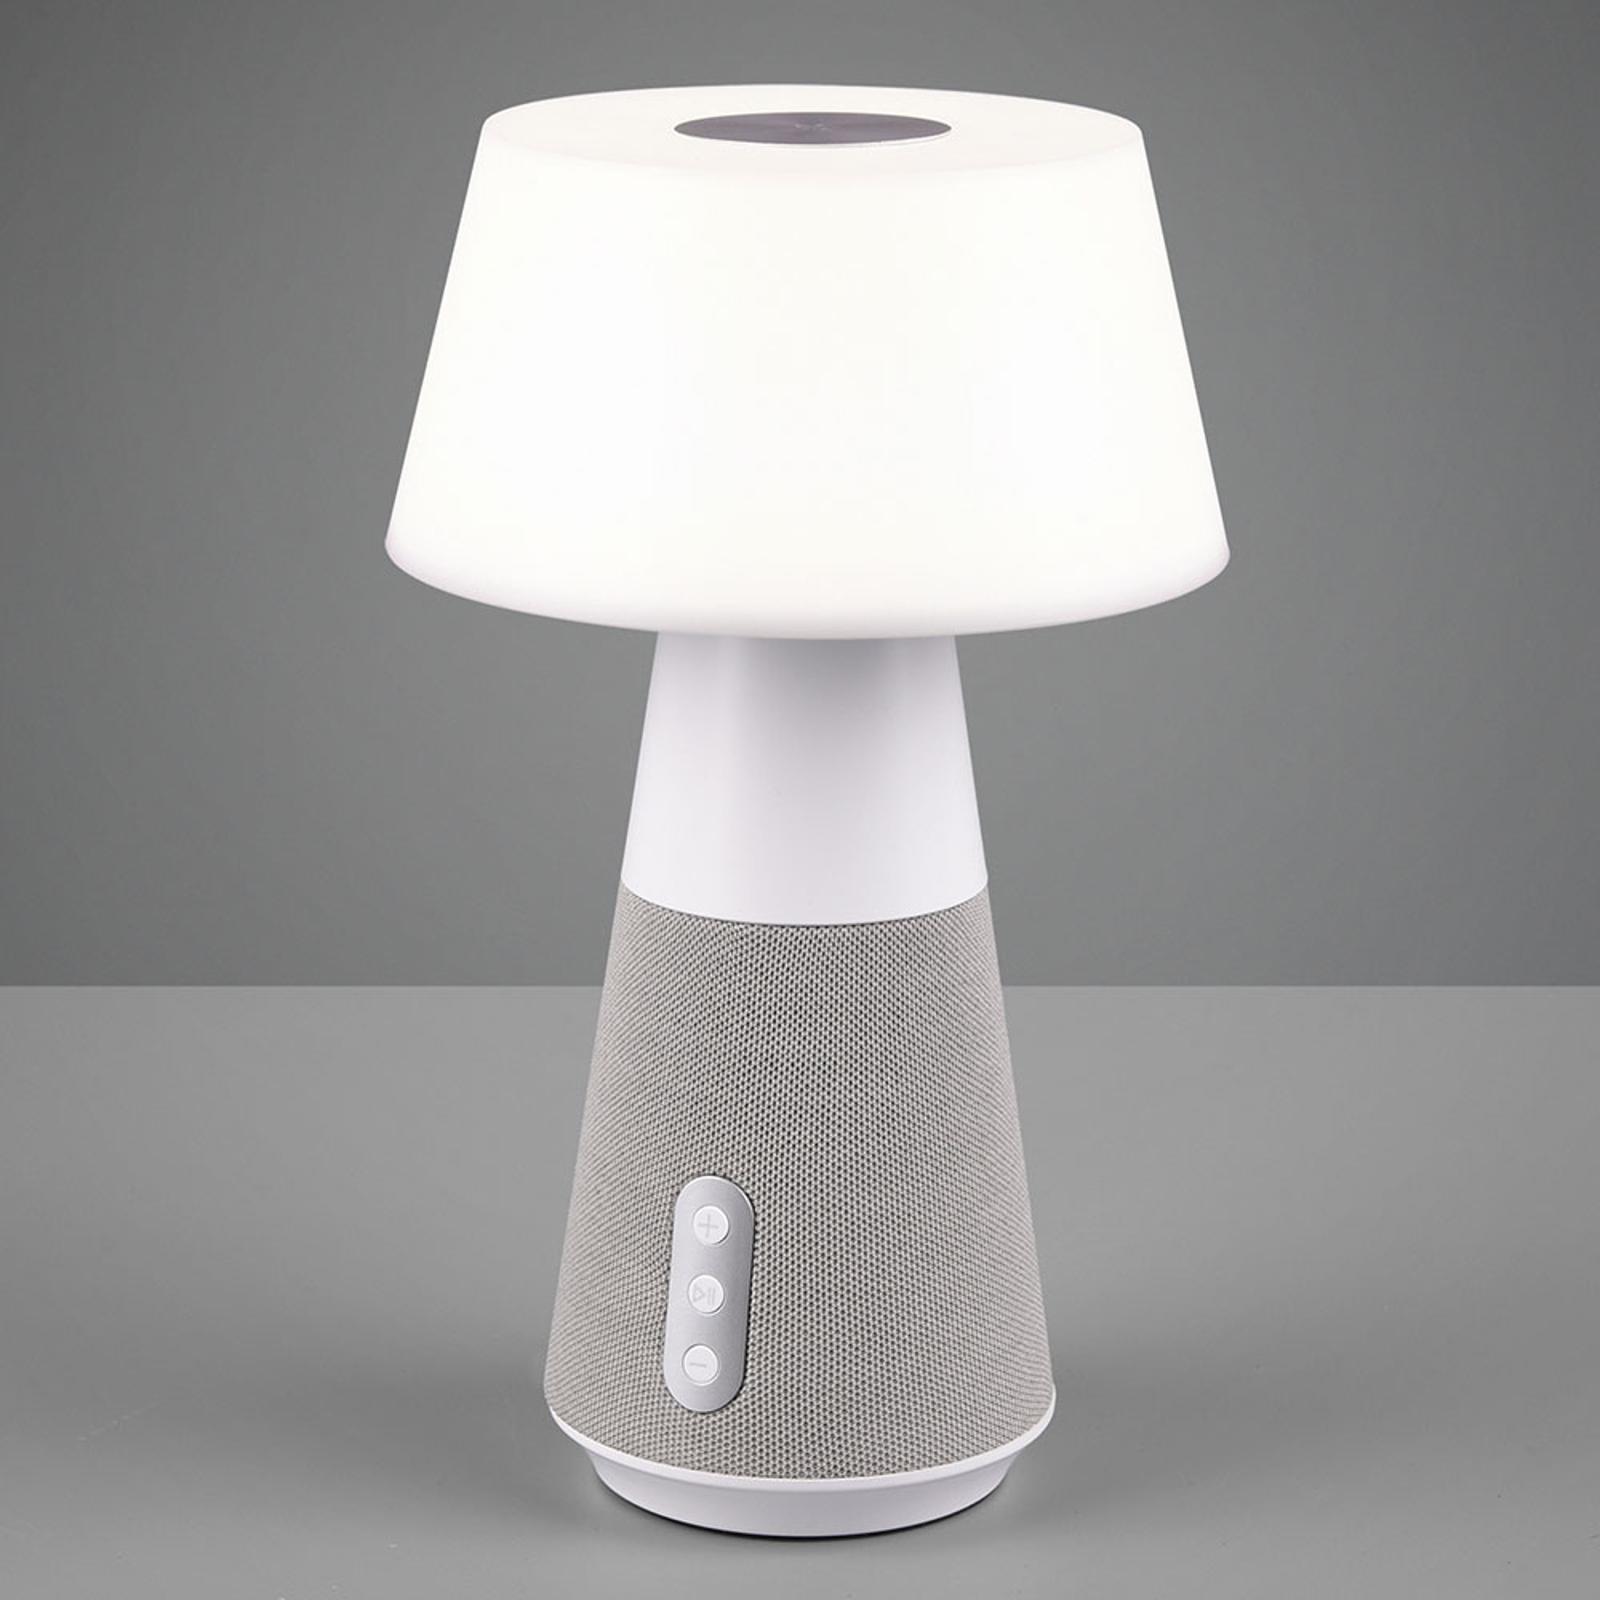 Lampe à poser LED DJ avec enceinte, blanche/grise